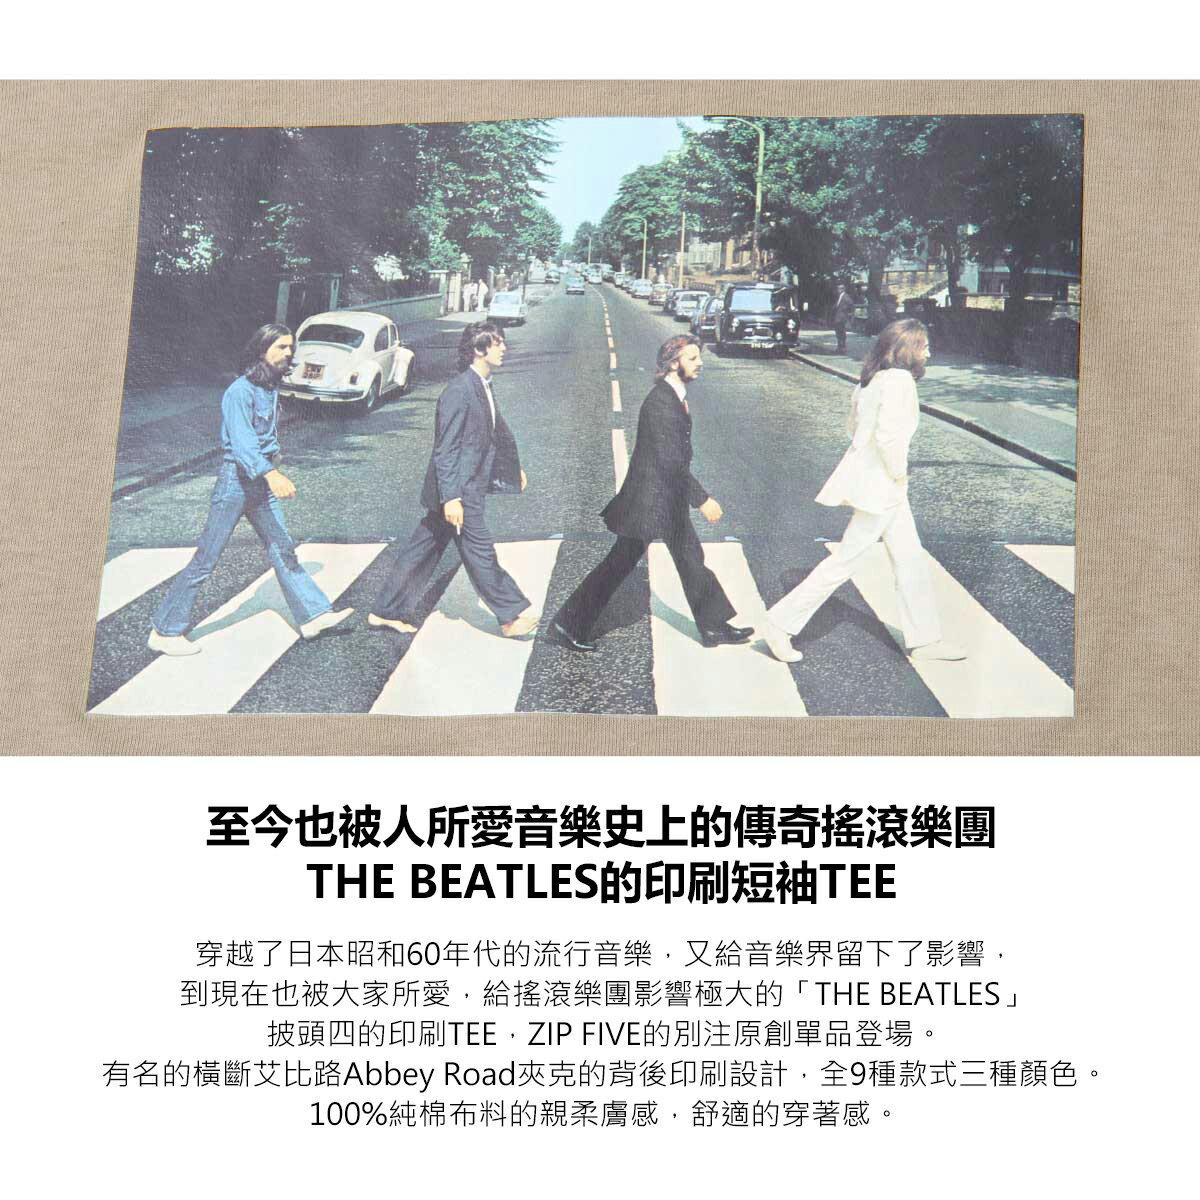 【New】披頭四印刷短袖T恤  Abbey Road 艾比路 披頭四 2